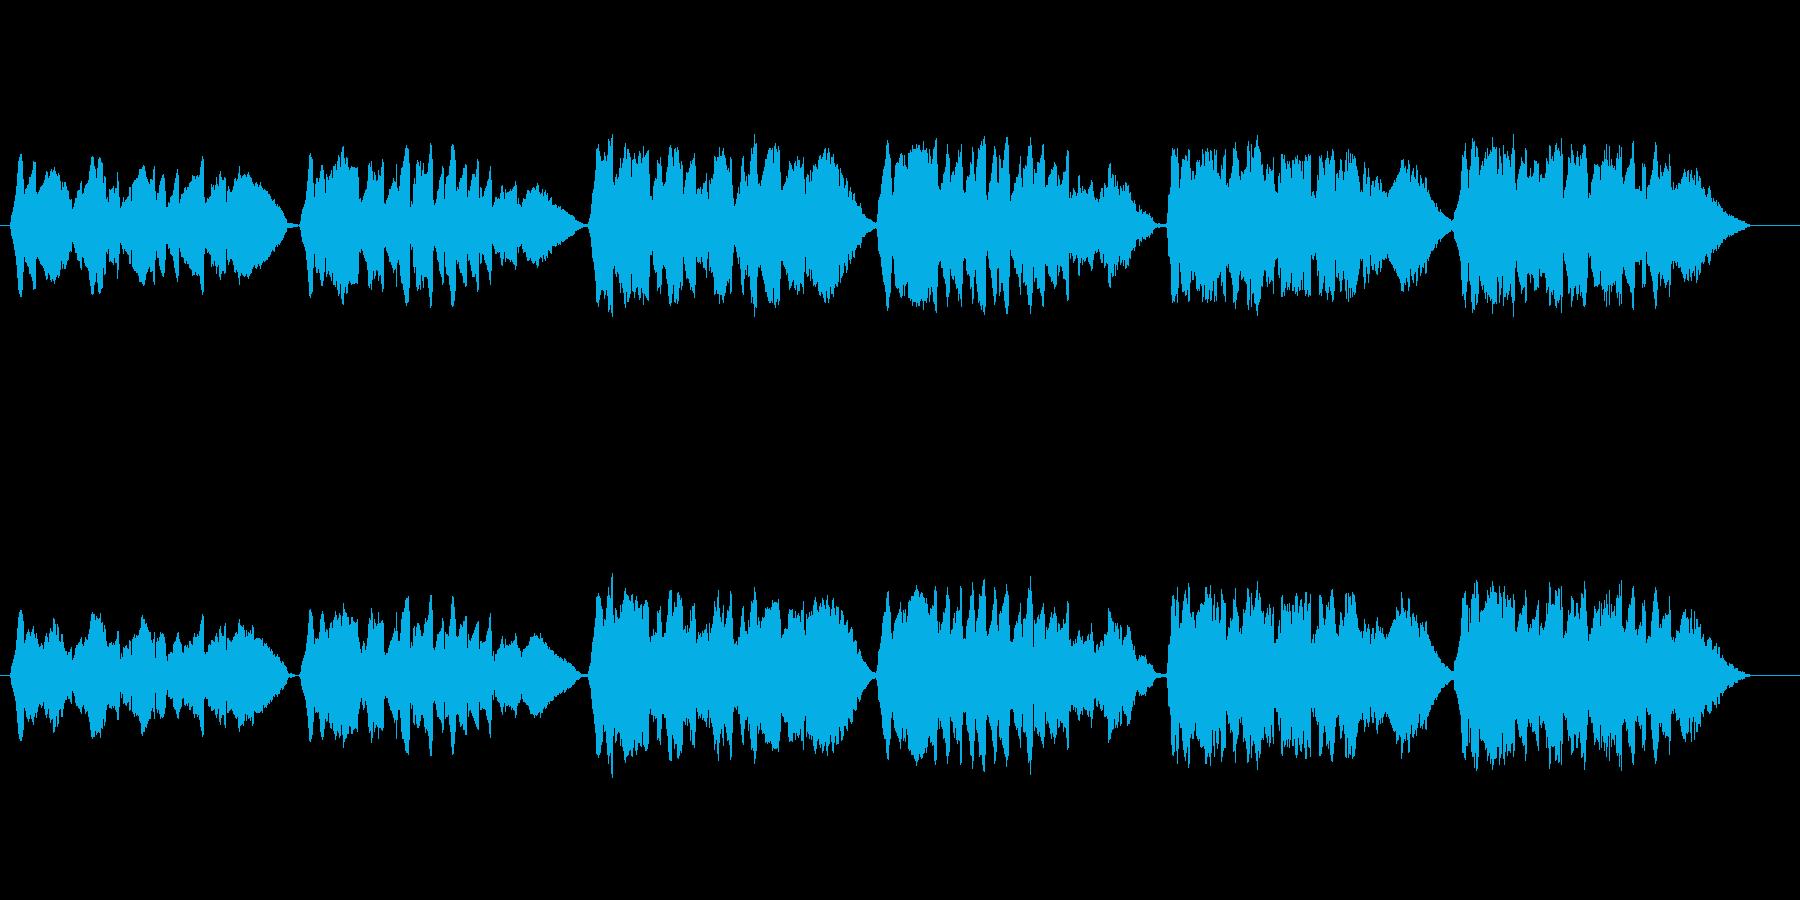 無伴奏ヴァイオリンによる童謡「赤とんぼ」の再生済みの波形